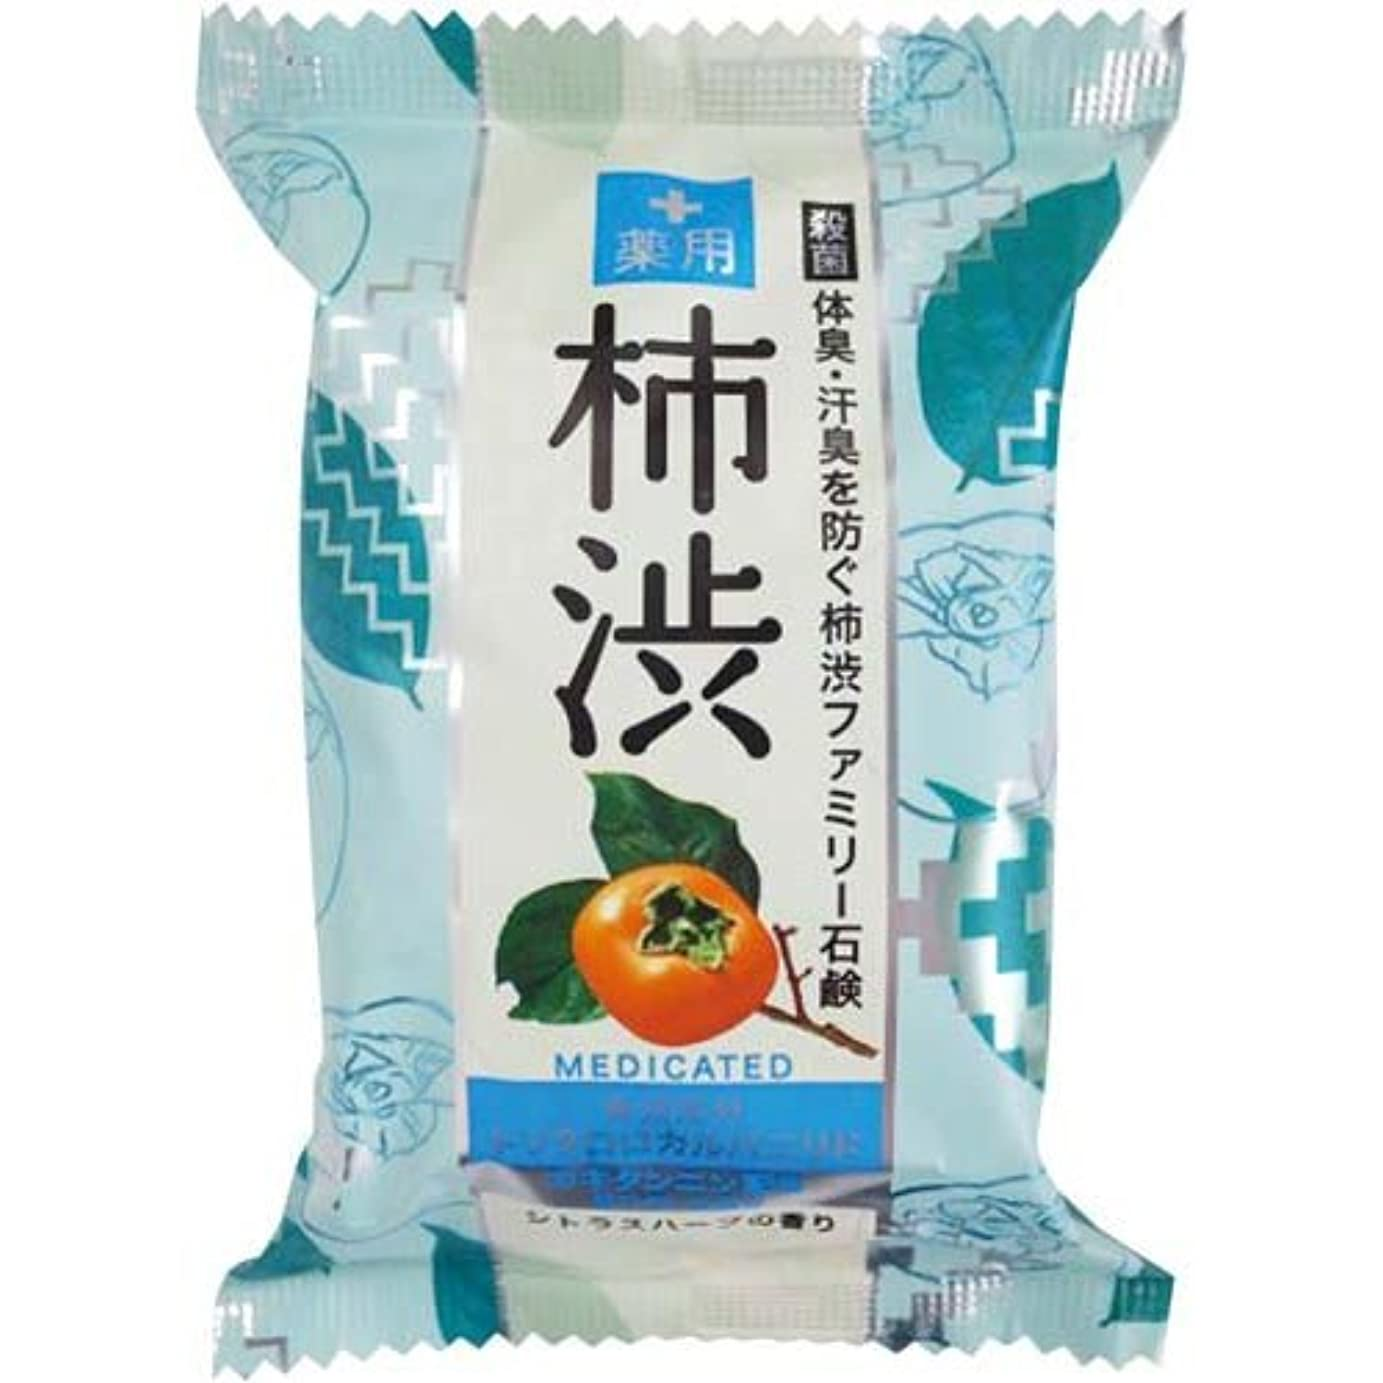 孤独シンジケートぬいぐるみペリカン石鹸 薬用ファミリー柿渋石鹸×6個×4箱